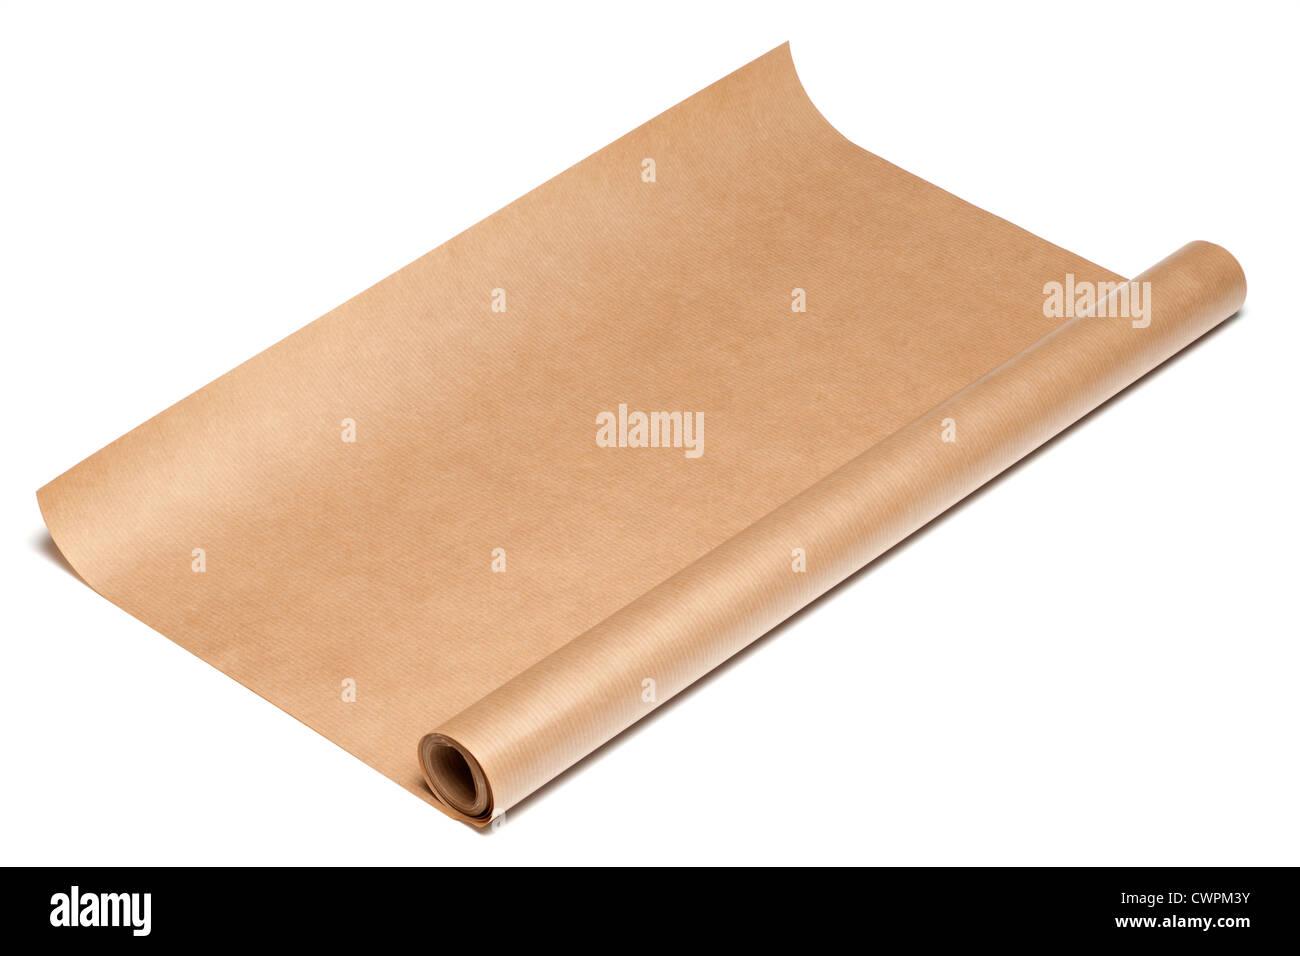 Rouleau de papier d'emballage de colis brun Photo Stock